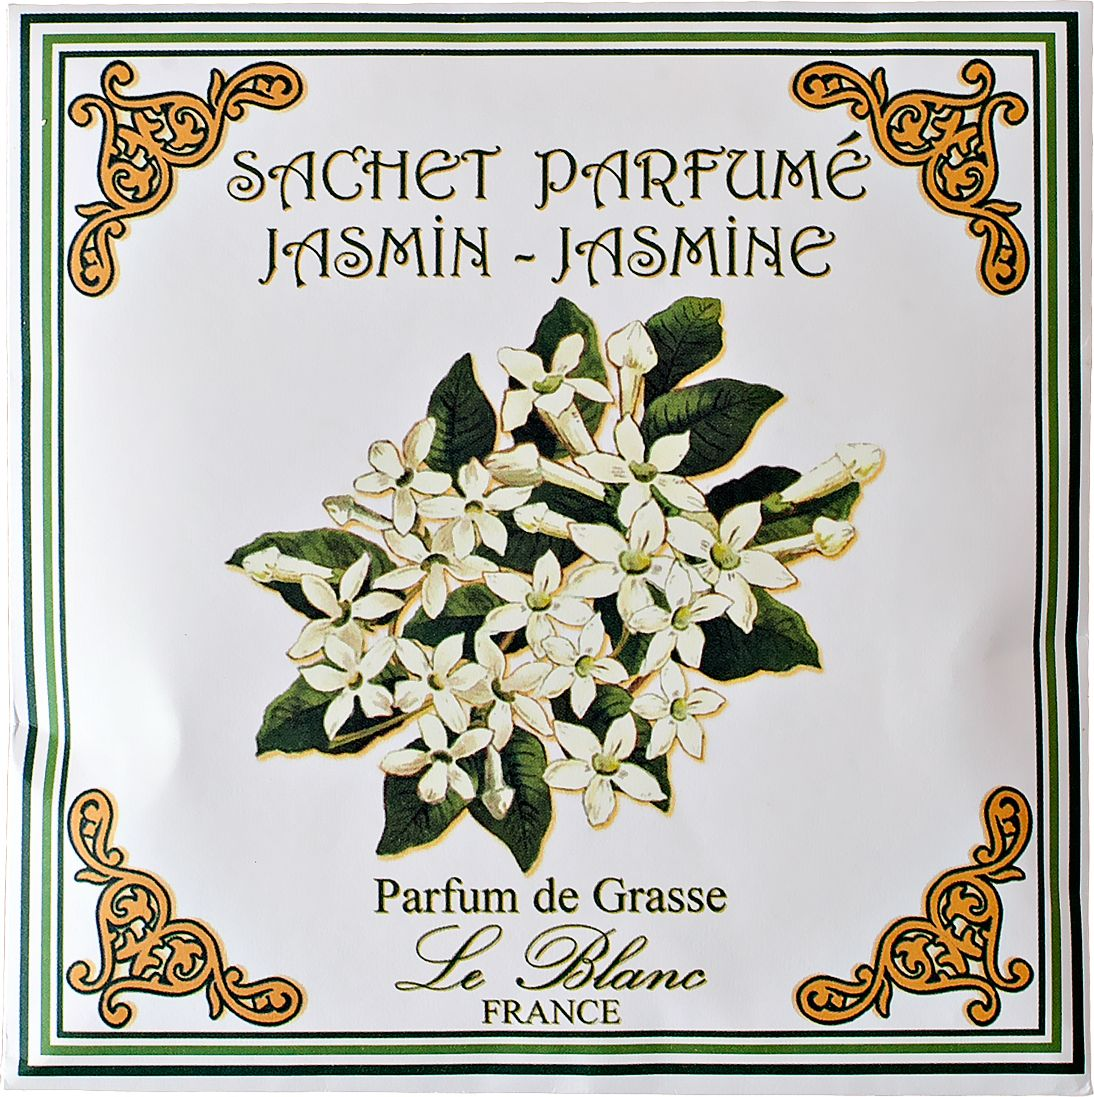 Саше ароматическое Le Blanc Жасмин, цвет: желтый3760110093343Подарки от Le Blanc - это роскошь в мелочах, определяющих стиль. Эти изящные вещицы привносят в нашу жизнь тонкие, нежные ароматы, создают настроение легкости и воздушности. Саше относятся к разряду тех мелочей, благодаря которым создается настоящий уют в доме. Если Роза - королева цветов, то Жасмин - король. Аромат этого белоснежного великолепия навевает ассоциации с роскошью востока, ведь и сам цветок родом из Индии, из аравийских оазисов. Аромат Жасмина необыкновенно свежий, и вместе с тем терпкий, стойкий и пьянящий. От него может закружится голова точно так же как от бокала изысканного вина. В благоухании жасмина таится магическая чувственность в сочетании с лёгкой и задорной душистостью. Вдохнув его, вы перенесетесь в грёзах в прекрасный восточный сад.